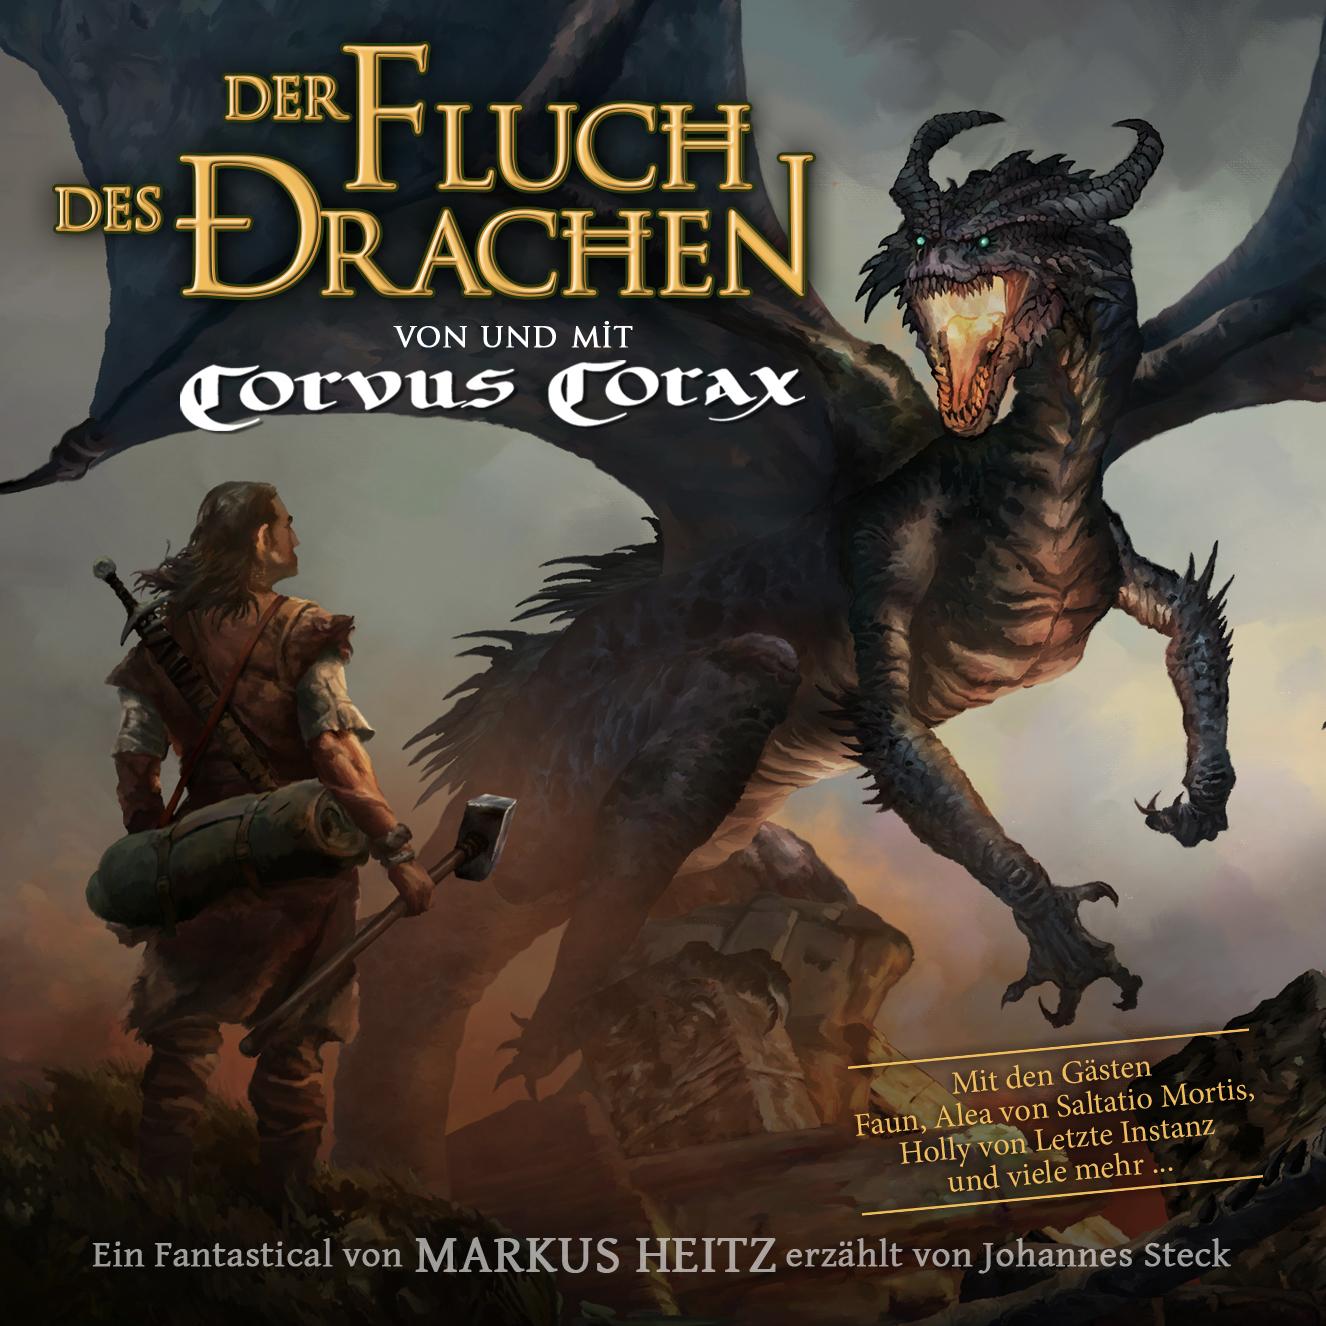 Preview: Fluch des Drachen mit Corvus Corax